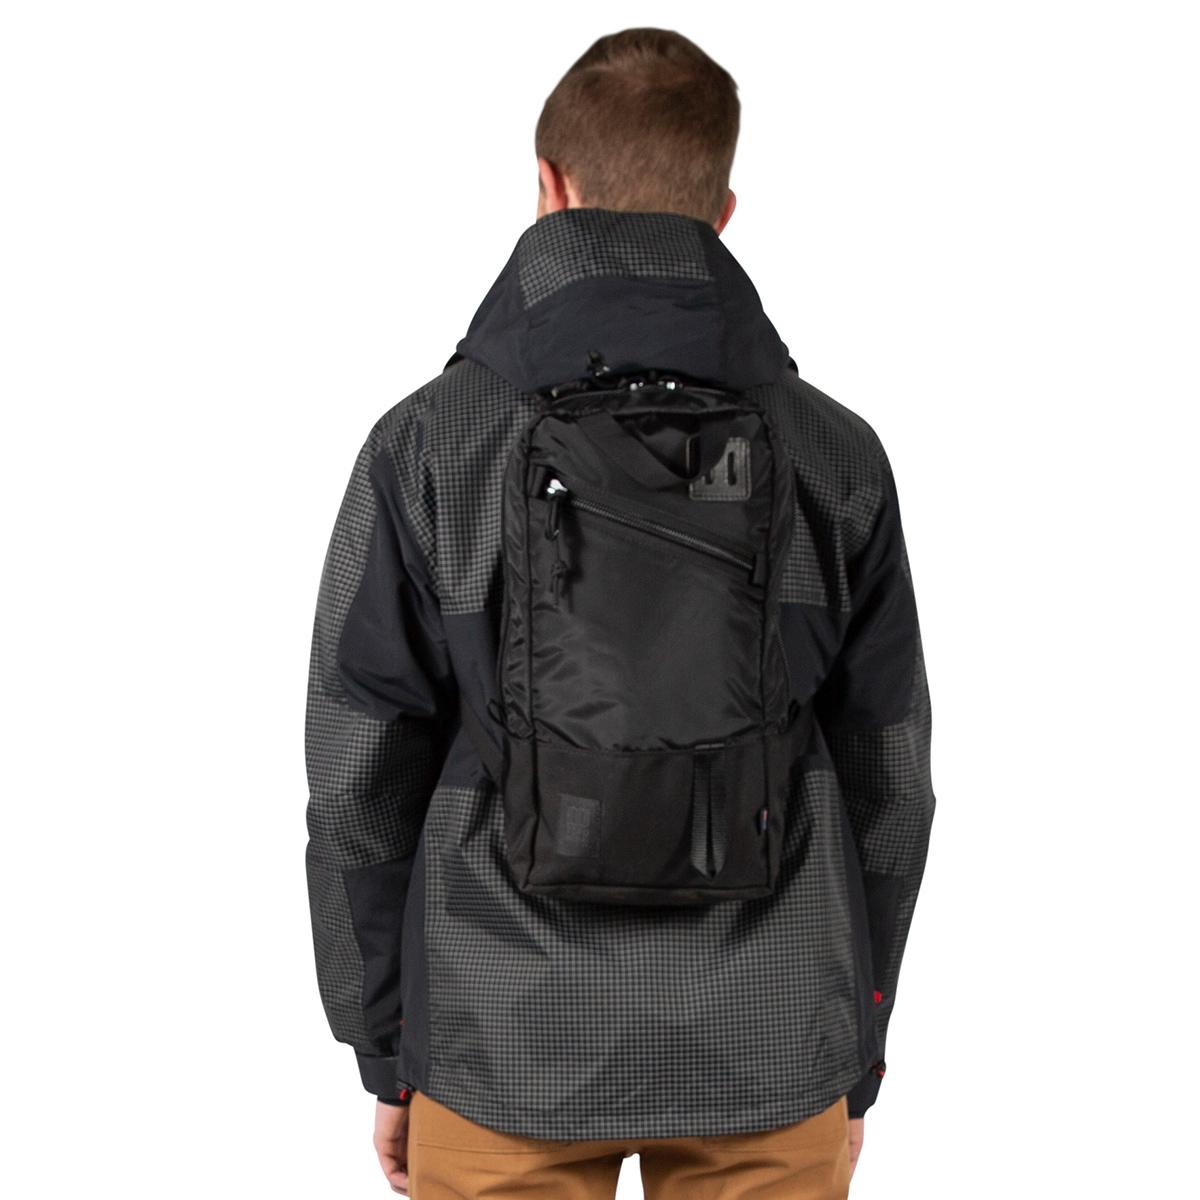 Topo Designs Trip Pack Ballistic Black, eines Tagesrucksack in einer leichten, kompakteren Größe